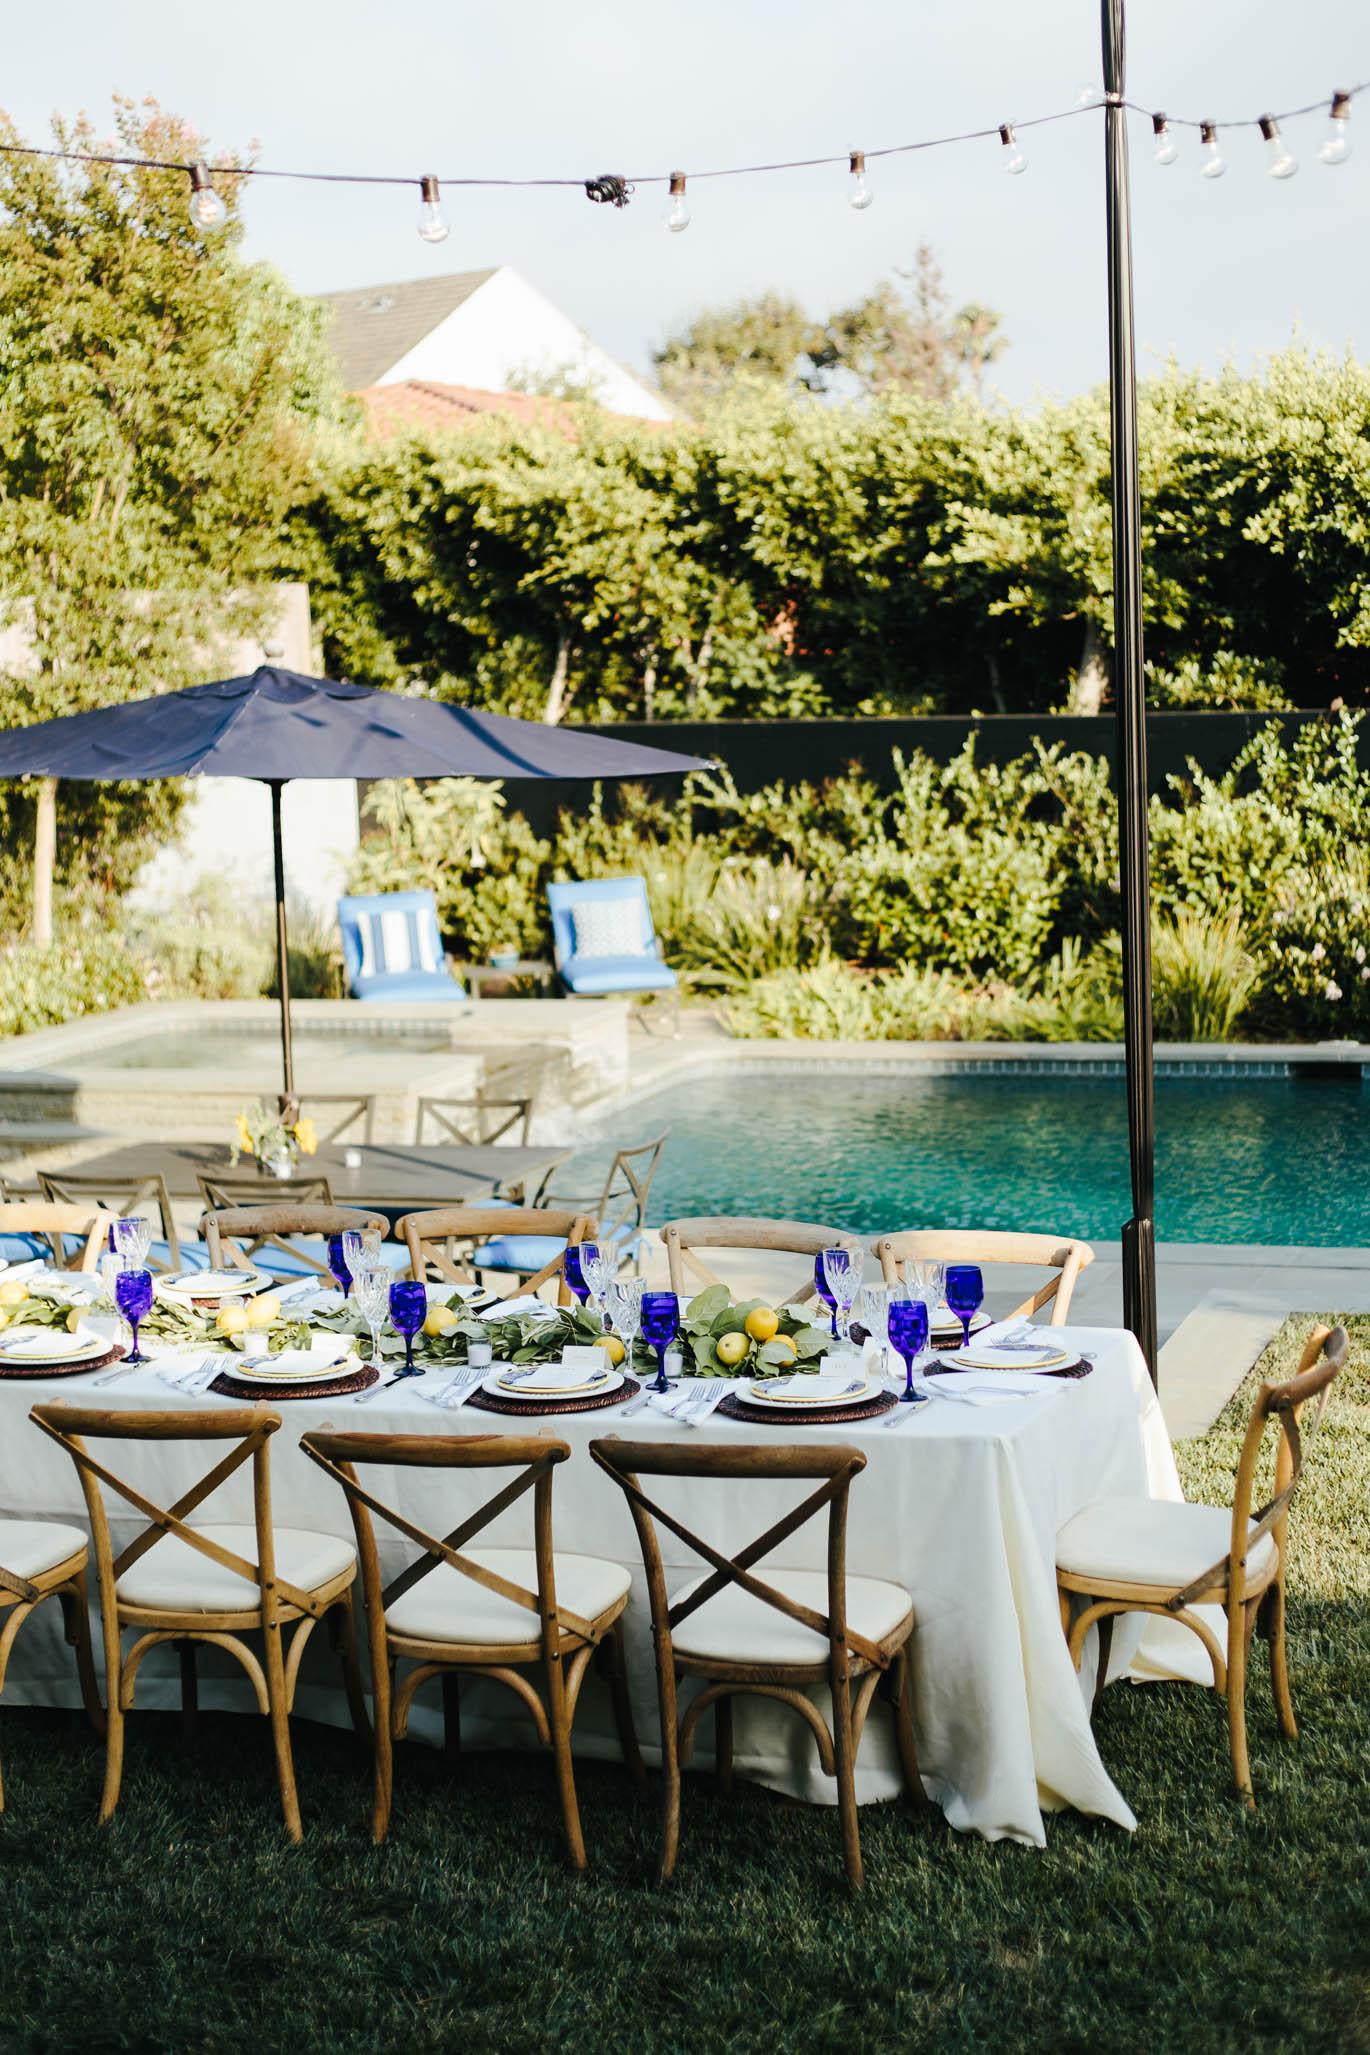 Italian summer dinner party